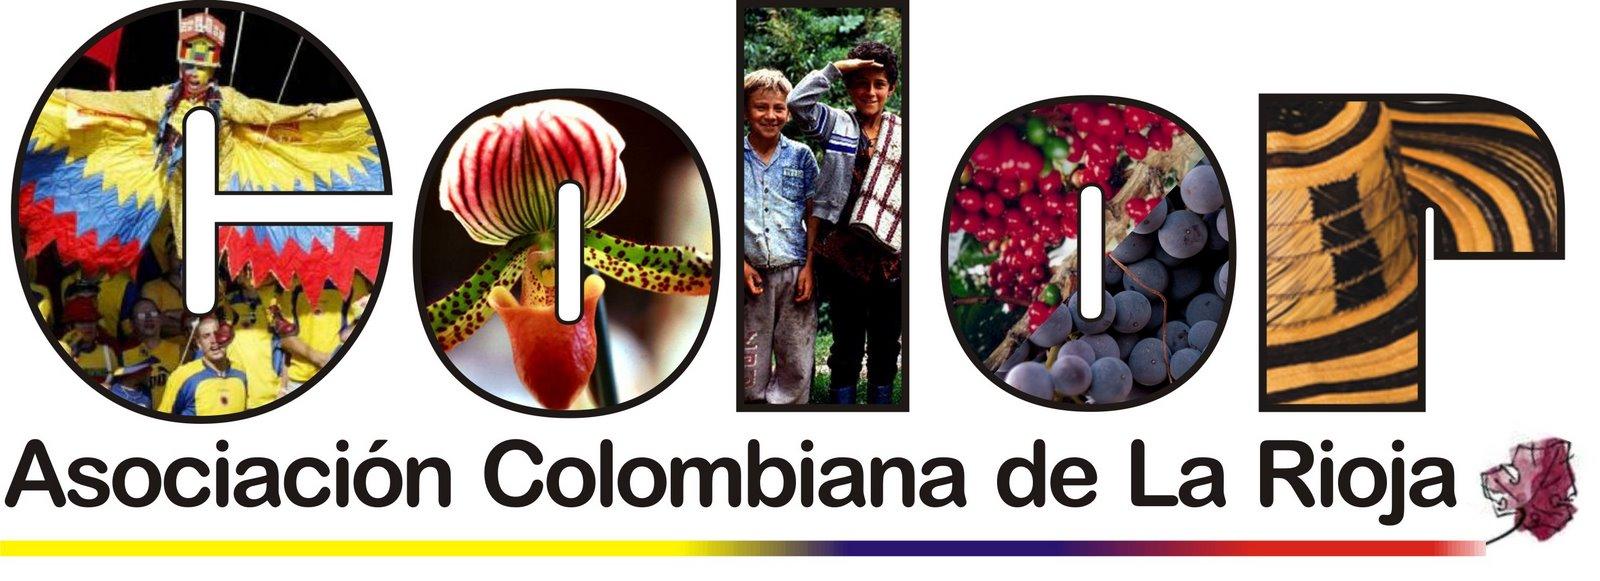 Asociación Colombiana de La Rioja -COLOR-